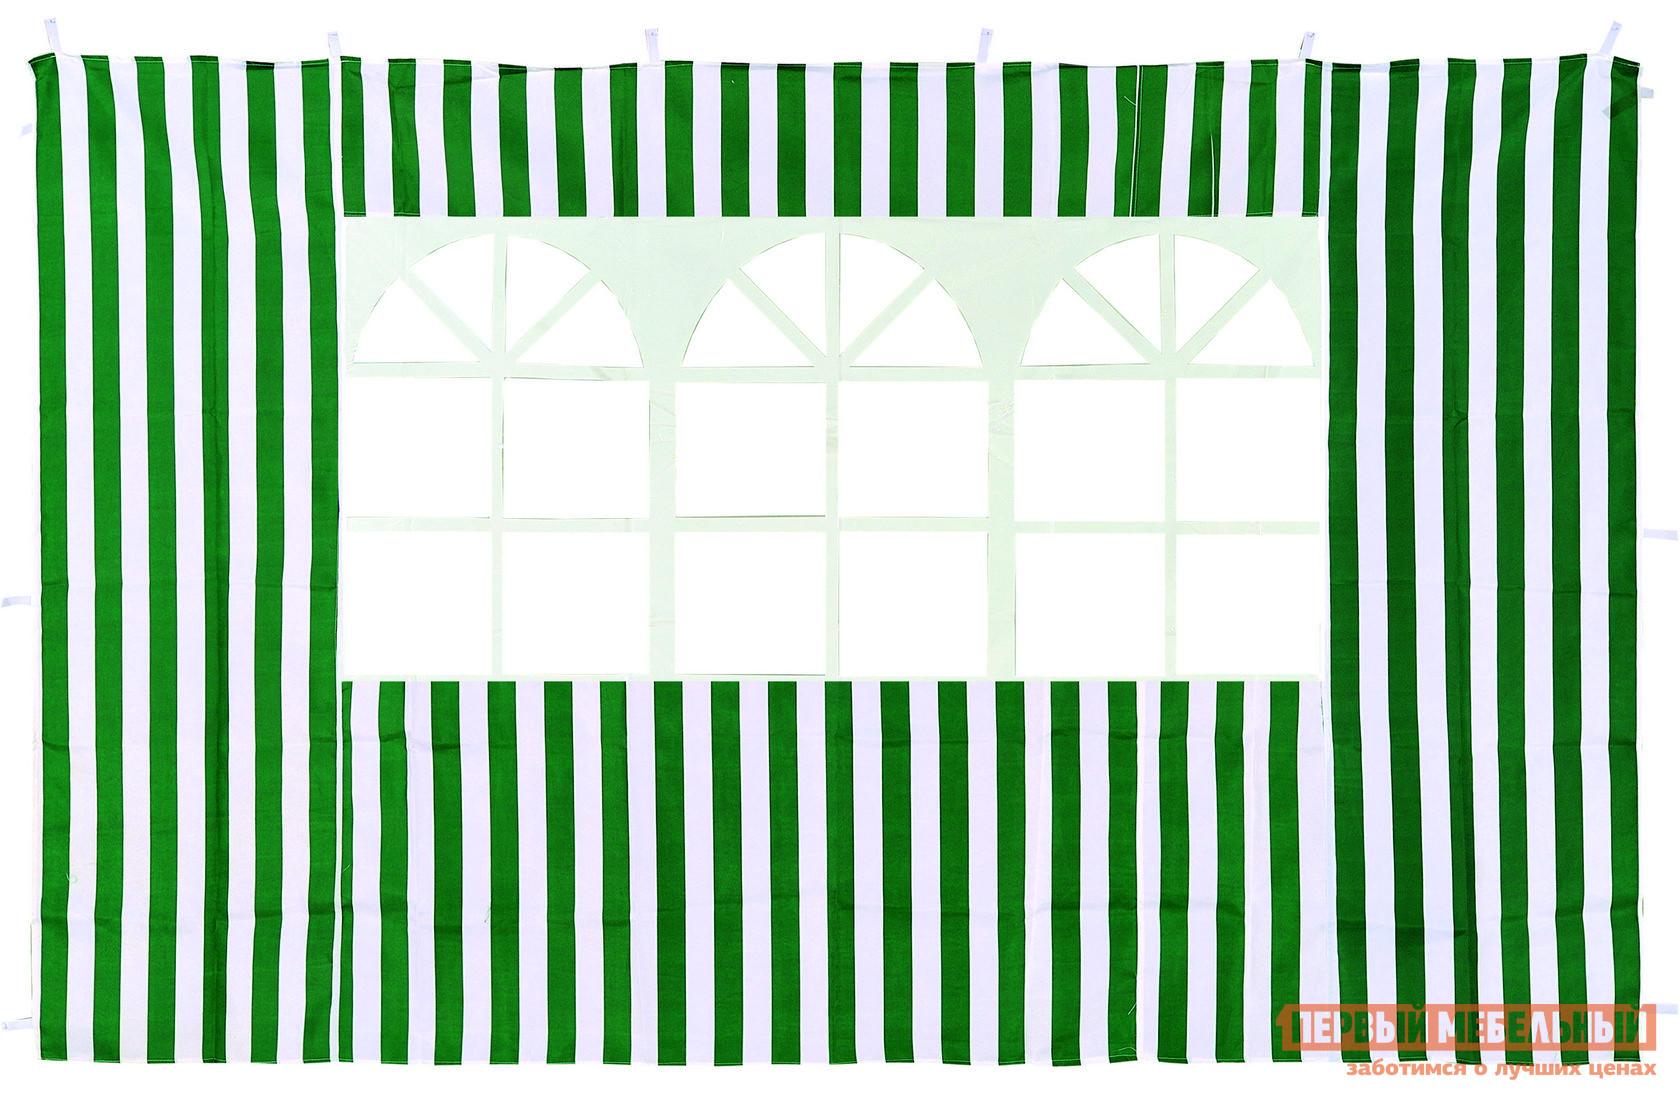 Аксессуар Green Glade Стенка с окном для садового тента ЗеленыйАксессуары для шатров<br>Габаритные размеры ВхШхГ 1950x2950x мм. Стенка с окном Ормант для садового шатра или тента.  Для навешивание данной модели необходимо место размером 3000 мм.  Зафиксировать модель Ормант очень просто.  По всему периметру расположены петельки-липучки, которыми необходимо закрепить стенку к каркасу.  Стенка в центре имеет окошко, через которое внутрь шатра будет проникать солнечный свет.  Изделие выполнено в традиционных для тенда цветах: зеленом и синем в белую полоску. Стенка водонепроницаема, выполнена из полиэстера плотностью 140 г.  Обратите внимание! Цена указана за одну стенку, а не за комплект из четырех штук.<br><br>Цвет: Зеленый<br>Высота мм: 1950<br>Ширина мм: 2950<br>Кол-во упаковок: 1<br>Форма поставки: В собранном виде<br>Срок гарантии: 6 месяцев